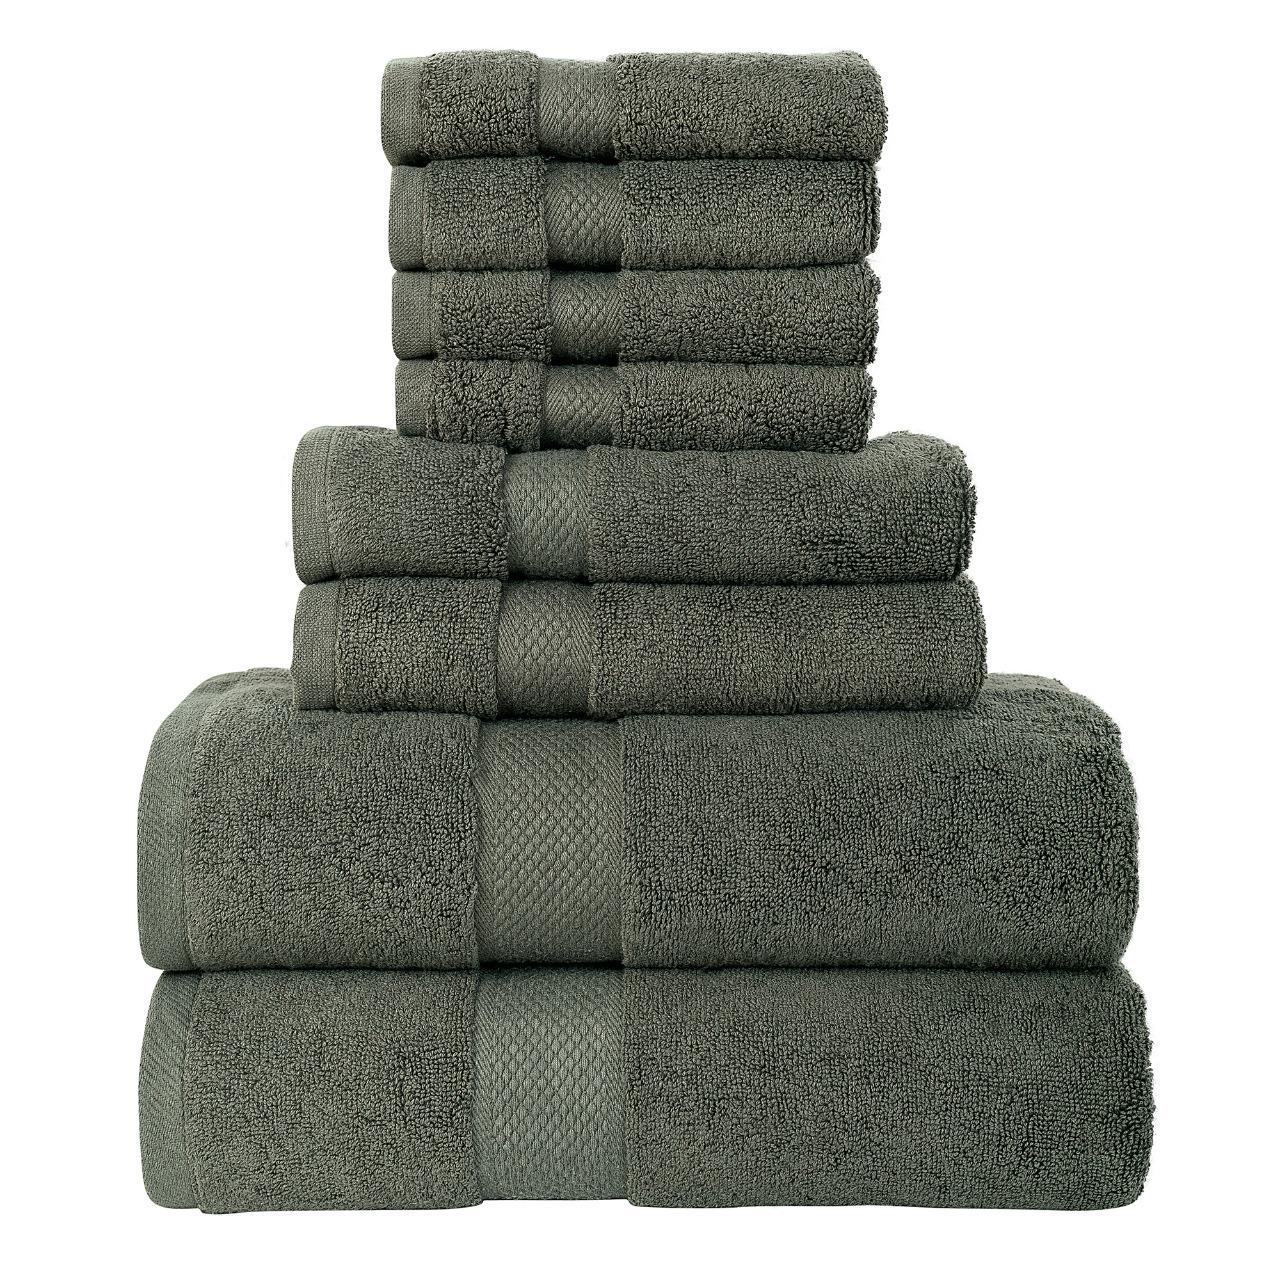 8pcs 700gsm Signature Range Grey Plain 8 Pieces Bale Set Towel